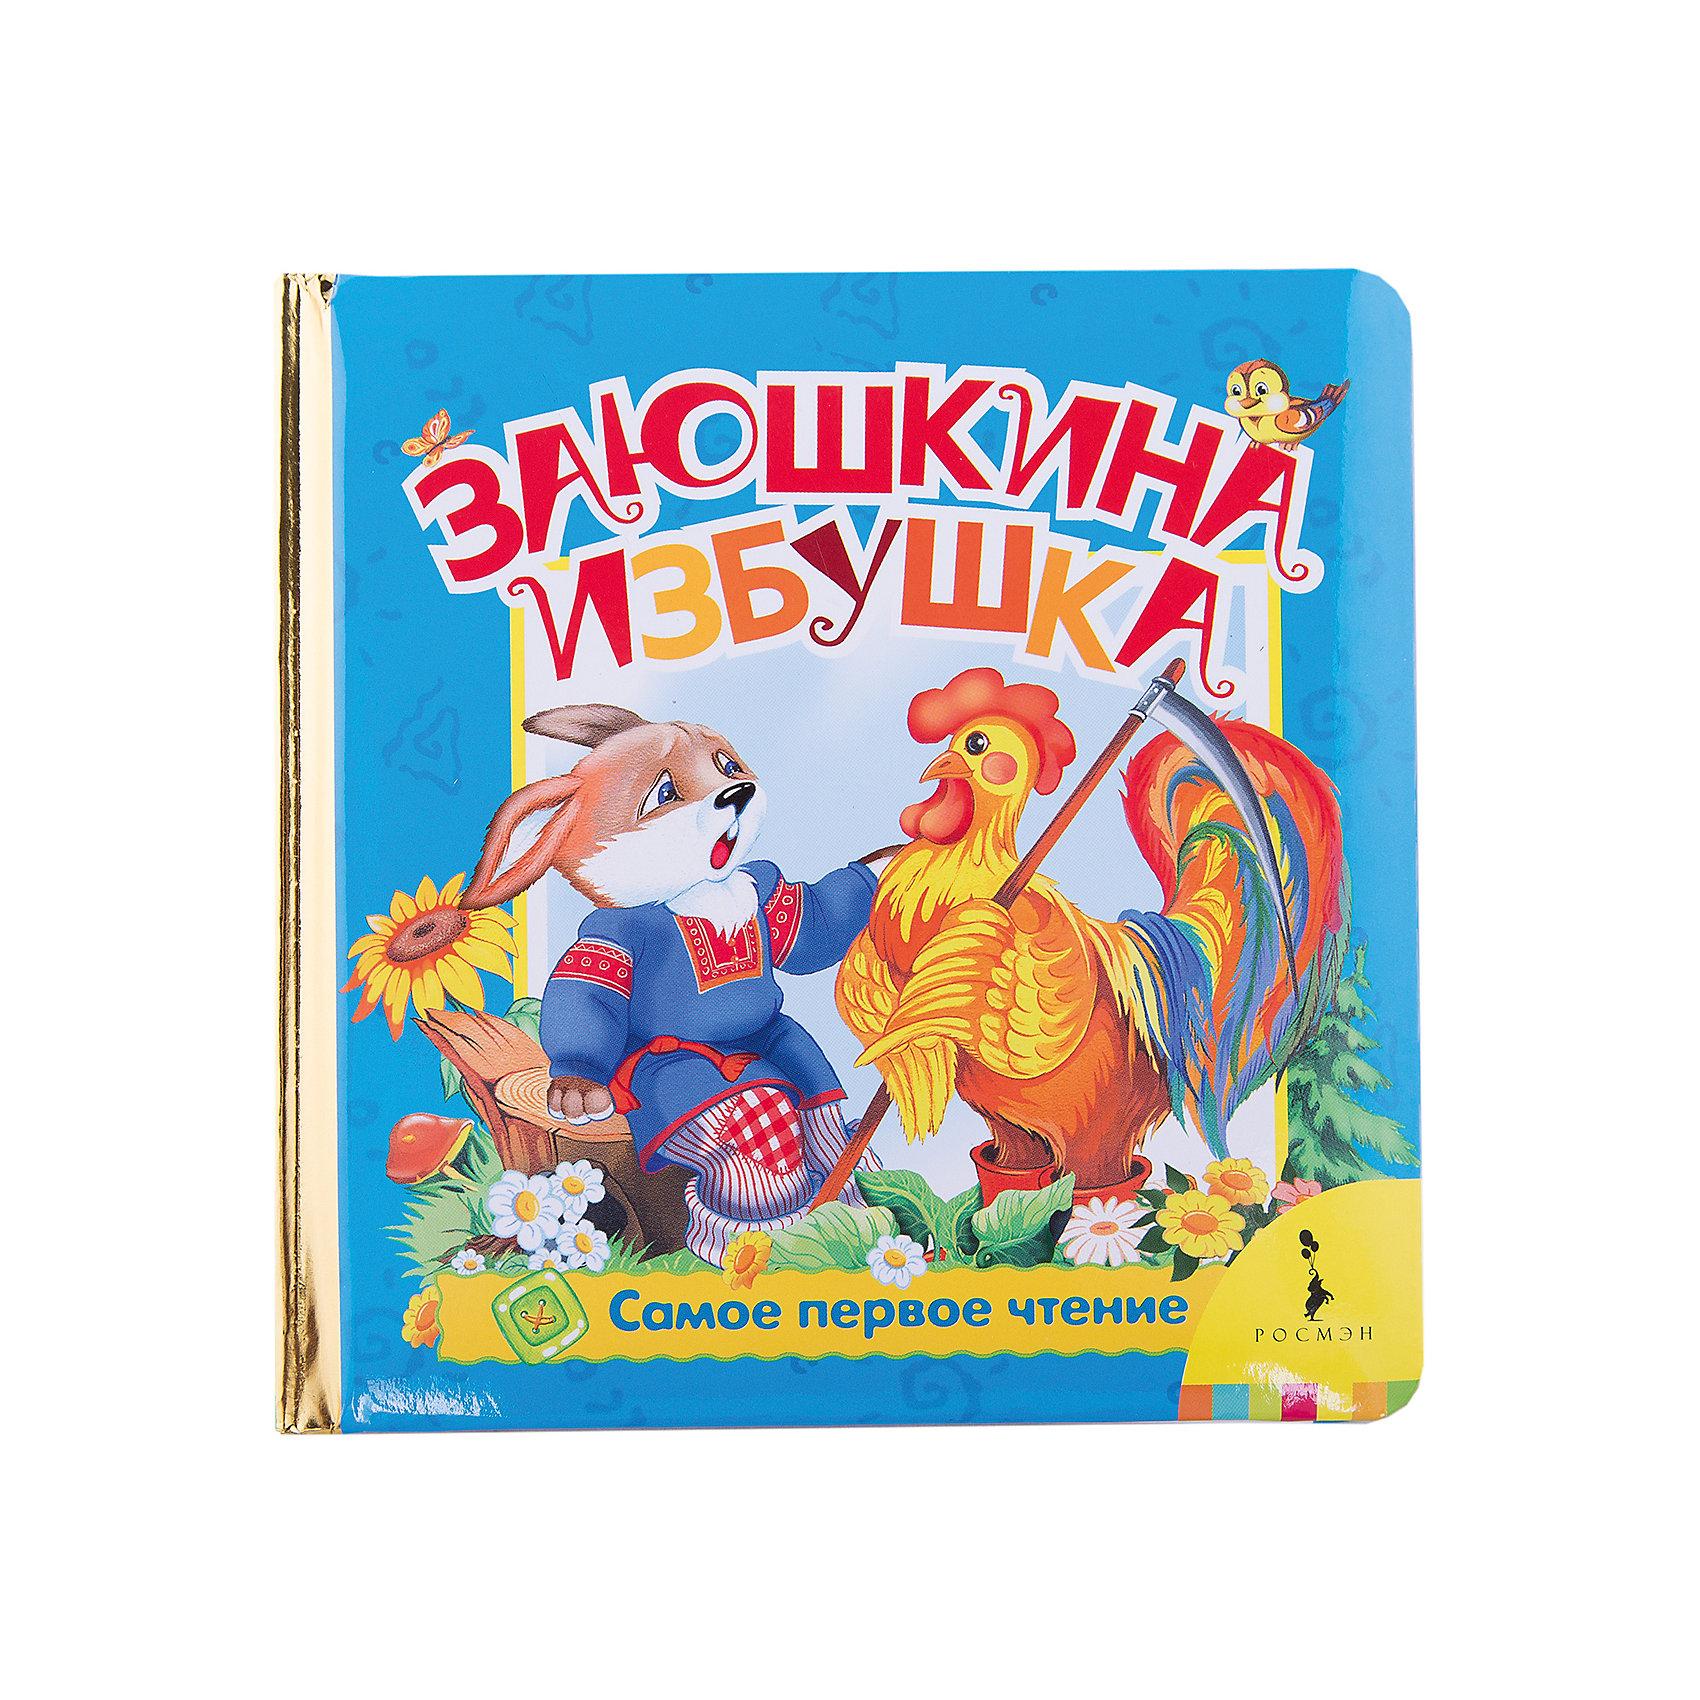 Заюшкина избушкаХарактеристики товара:<br><br>- цвет: разноцветный;<br>- материал: бумага;<br>- страниц: 16;<br>- формат: 17 х 17 см;<br>- обложка: картон;<br>- возраст: от 1 года. <br><br>Издания серии Самое первое чтение - отличный способ занять ребенка! Эта красочная книга станет отличным подарком для родителей и малыша. Она содержит в себе известные сказки, которые так любят дети. Отличный способ привить малышу любовь к чтению! Удобный формат и плотные странички позволят брать книгу с собой в поездки.<br>Чтение и рассматривание картинок даже в юном возрасте помогает ребенку развивать память, концентрацию внимания и воображение. Издание произведено из качественных материалов, которые безопасны даже для самых маленьких.<br><br>Издание Заюшкина избушка от компании Росмэн можно купить в нашем интернет-магазине.<br><br>Ширина мм: 165<br>Глубина мм: 165<br>Высота мм: 20<br>Вес г: 310<br>Возраст от месяцев: 24<br>Возраст до месяцев: 60<br>Пол: Унисекс<br>Возраст: Детский<br>SKU: 3633716